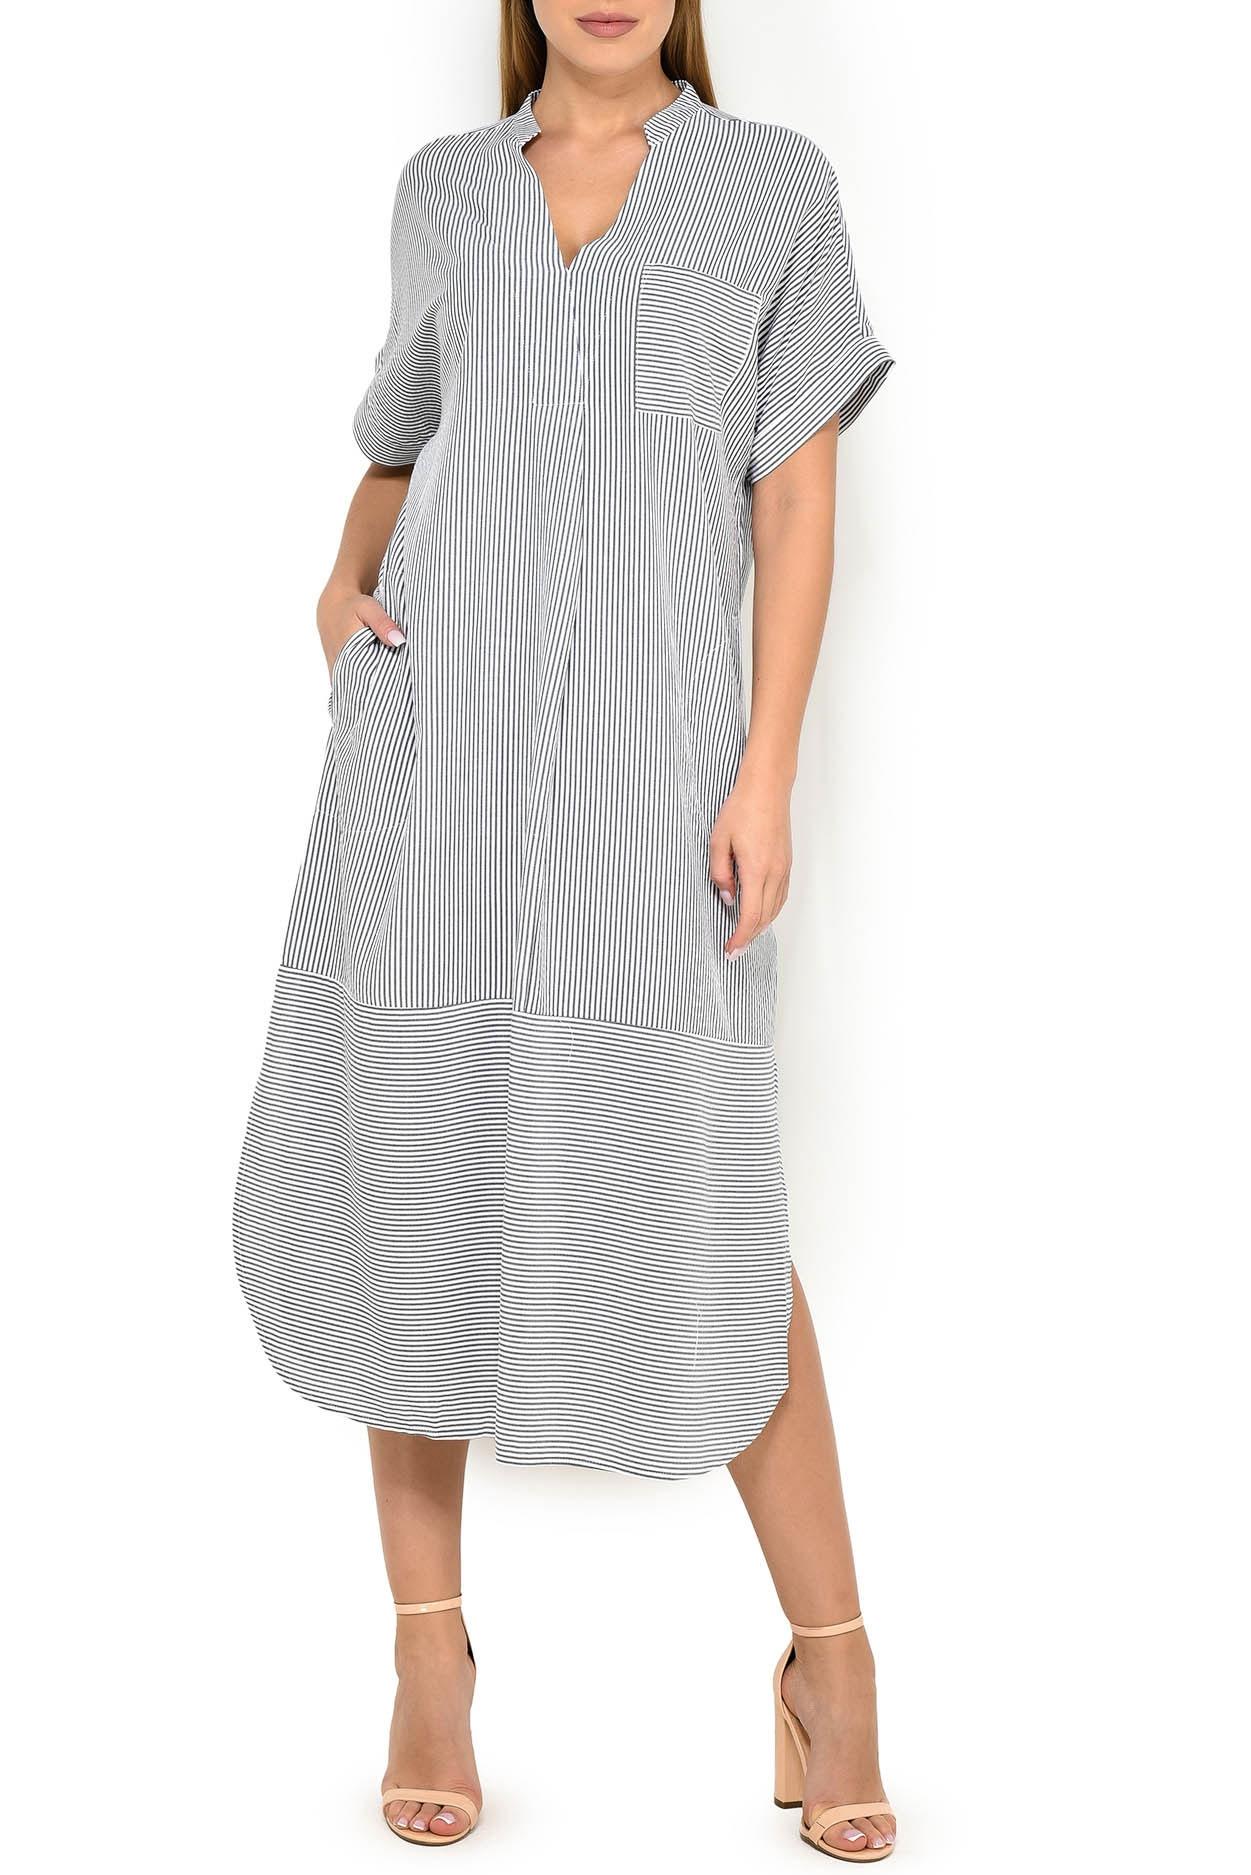 Платье из вискозы DI317301 белый-черный DKNY